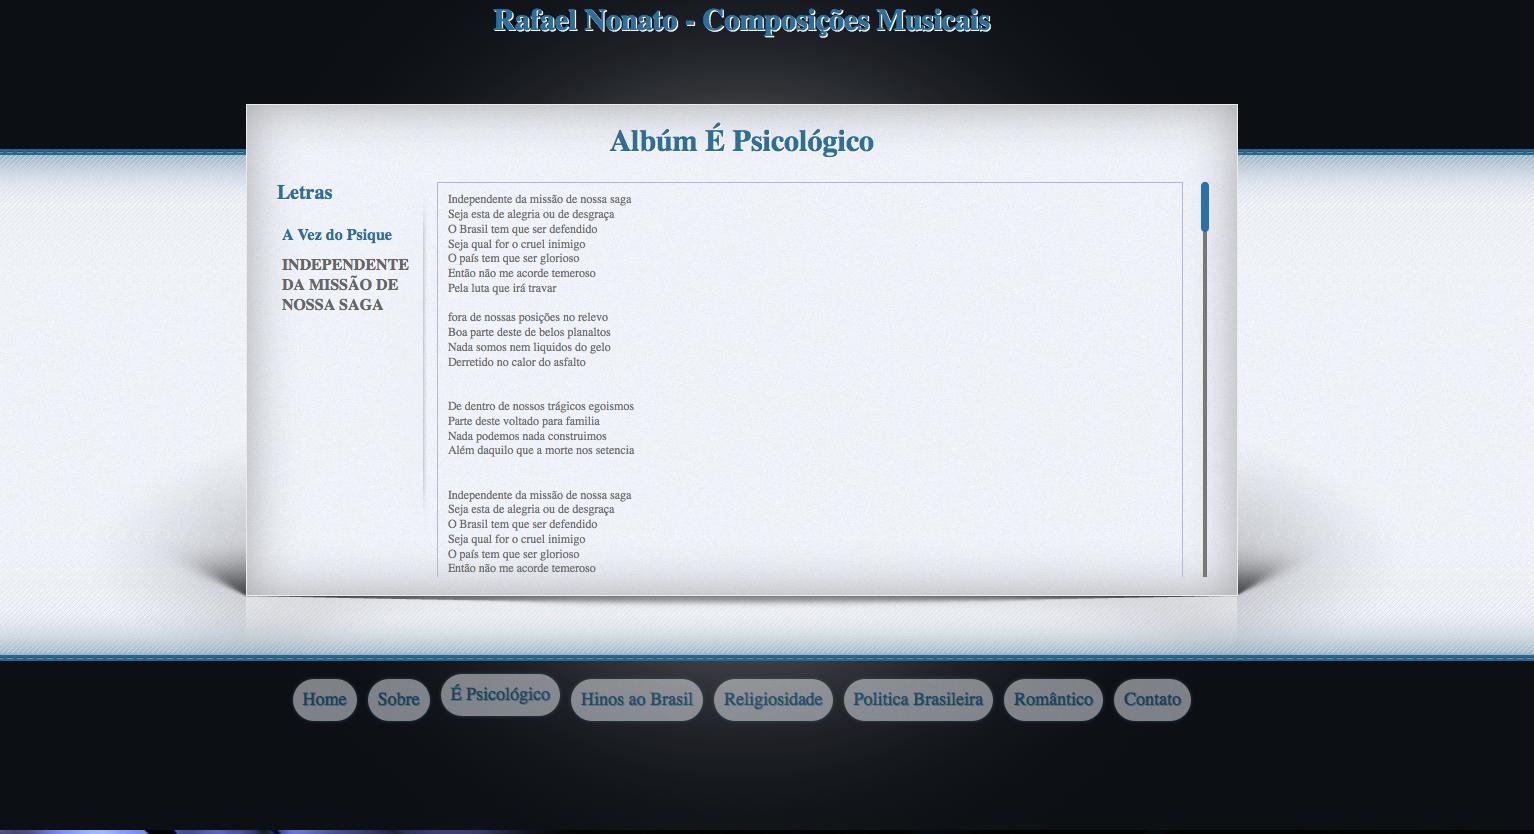 www.composicoesmusicais.com.br